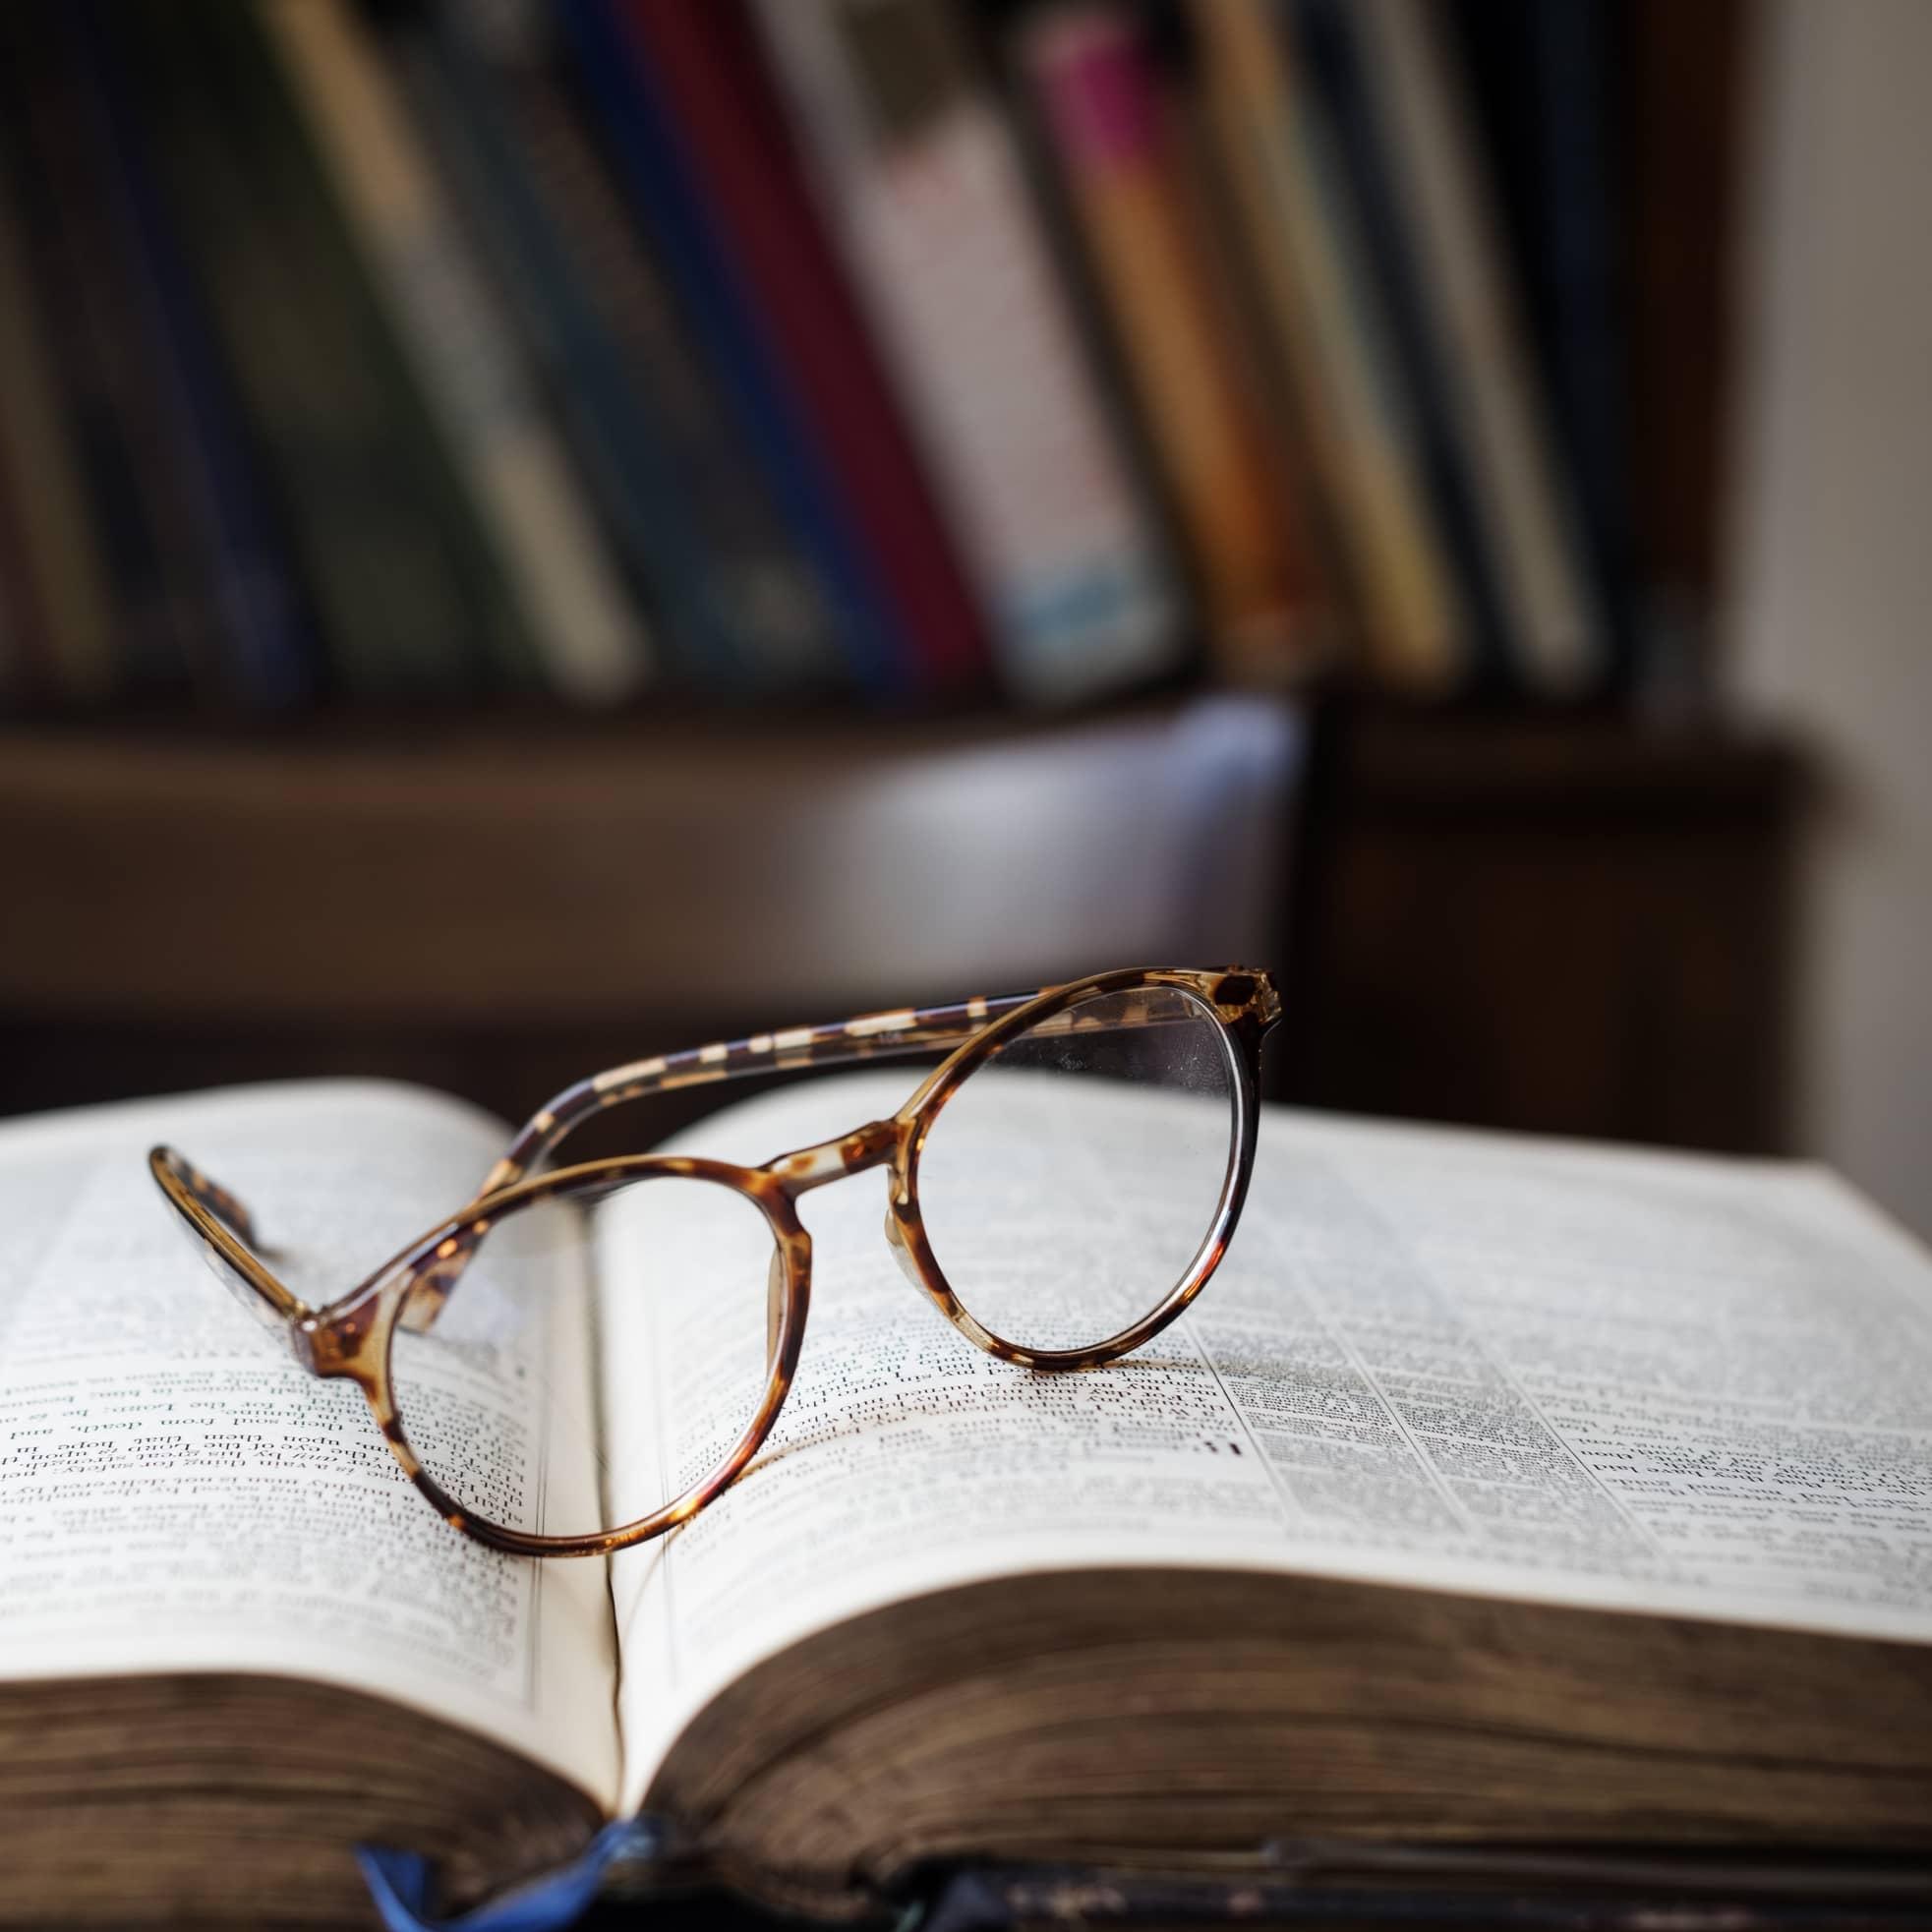 Lunettes posées sur un livre